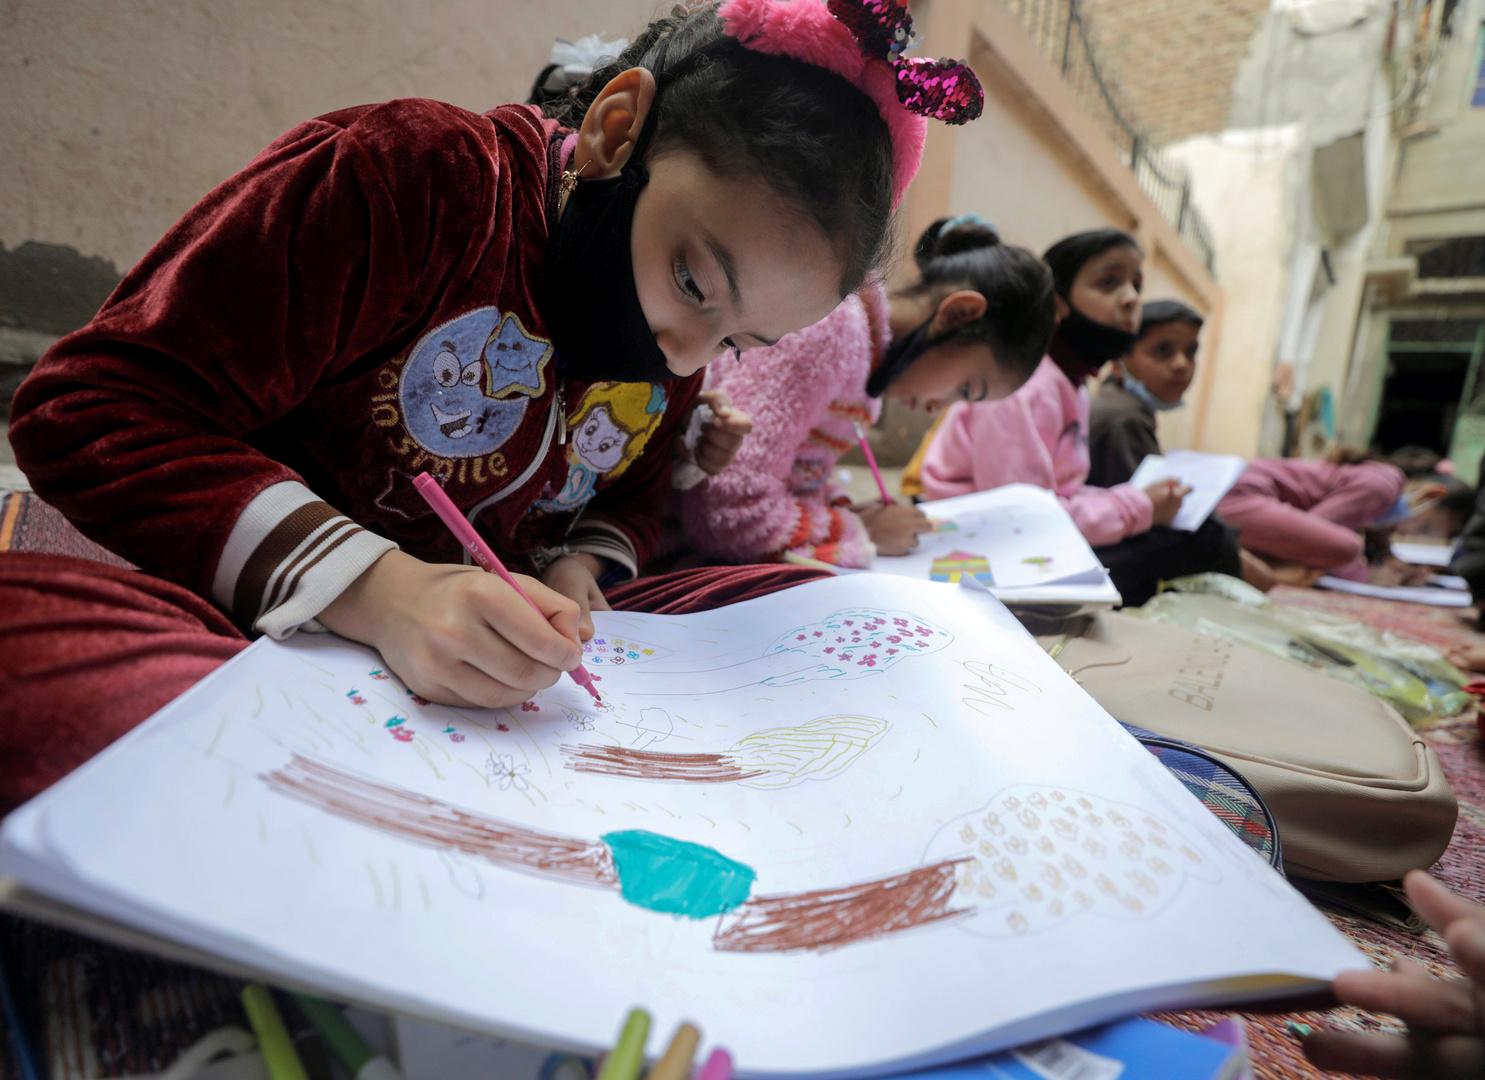 طبيبة مصرية توضح أعراض مرض قد يصيب الأطفال بعد 4 أسابيع من إصابتهم بكورونا